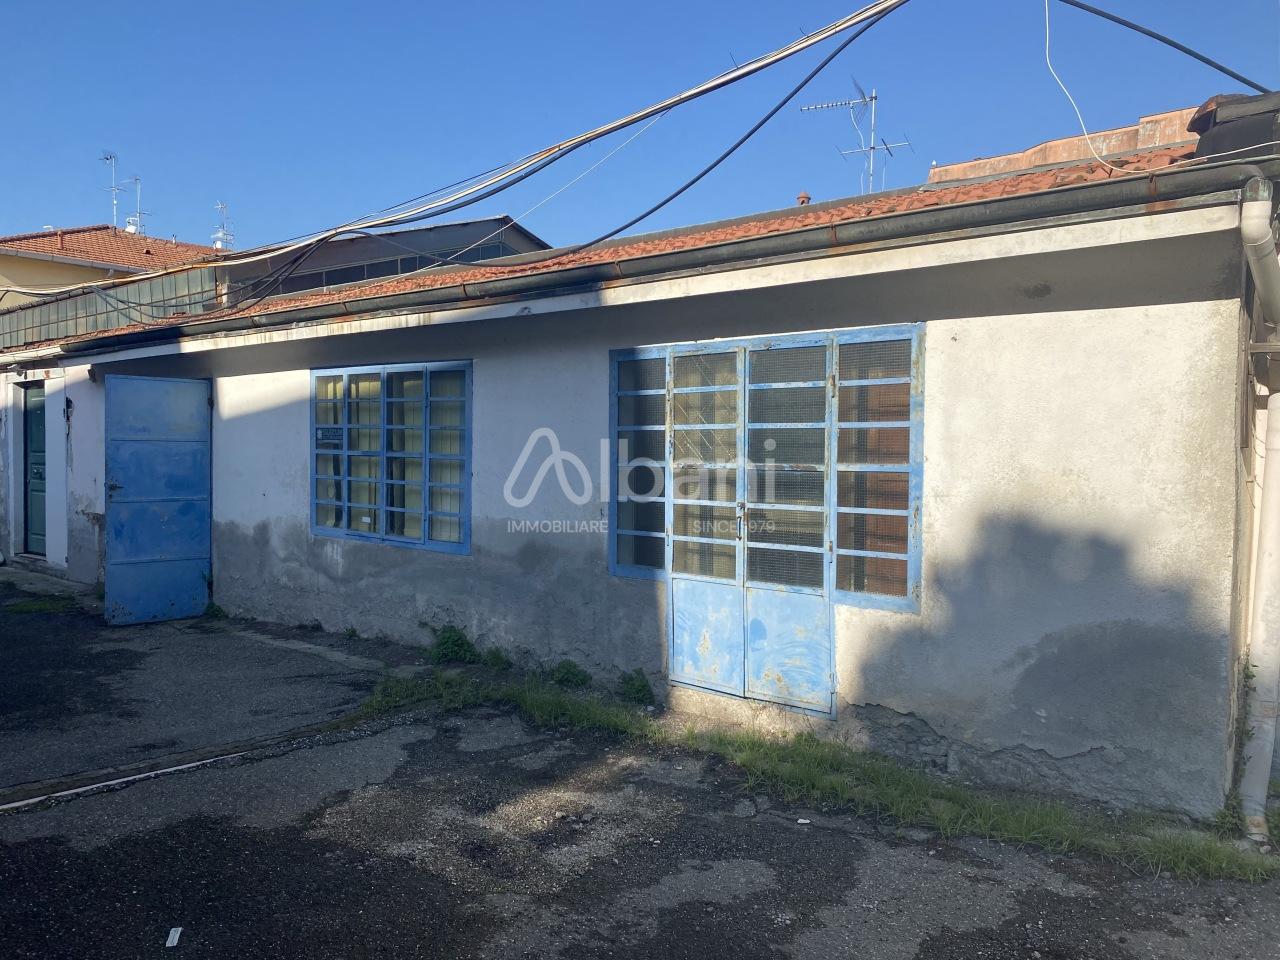 Magazzino in vendita a La Spezia, 1 locali, prezzo € 135.000 | PortaleAgenzieImmobiliari.it